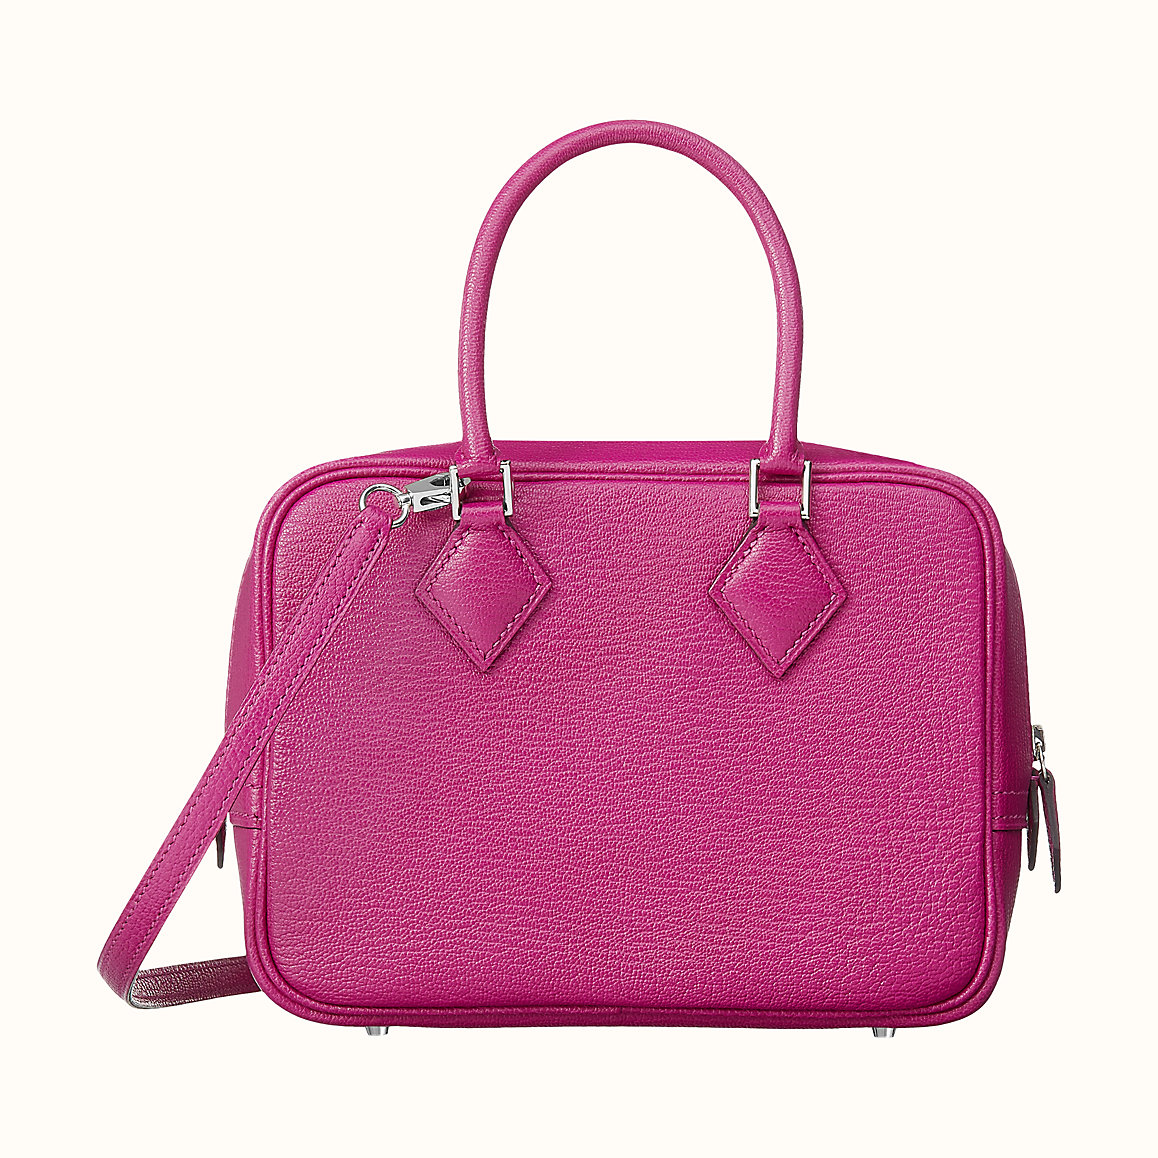 50代女性に人気HERMES(エルメス)のレディースバッグ